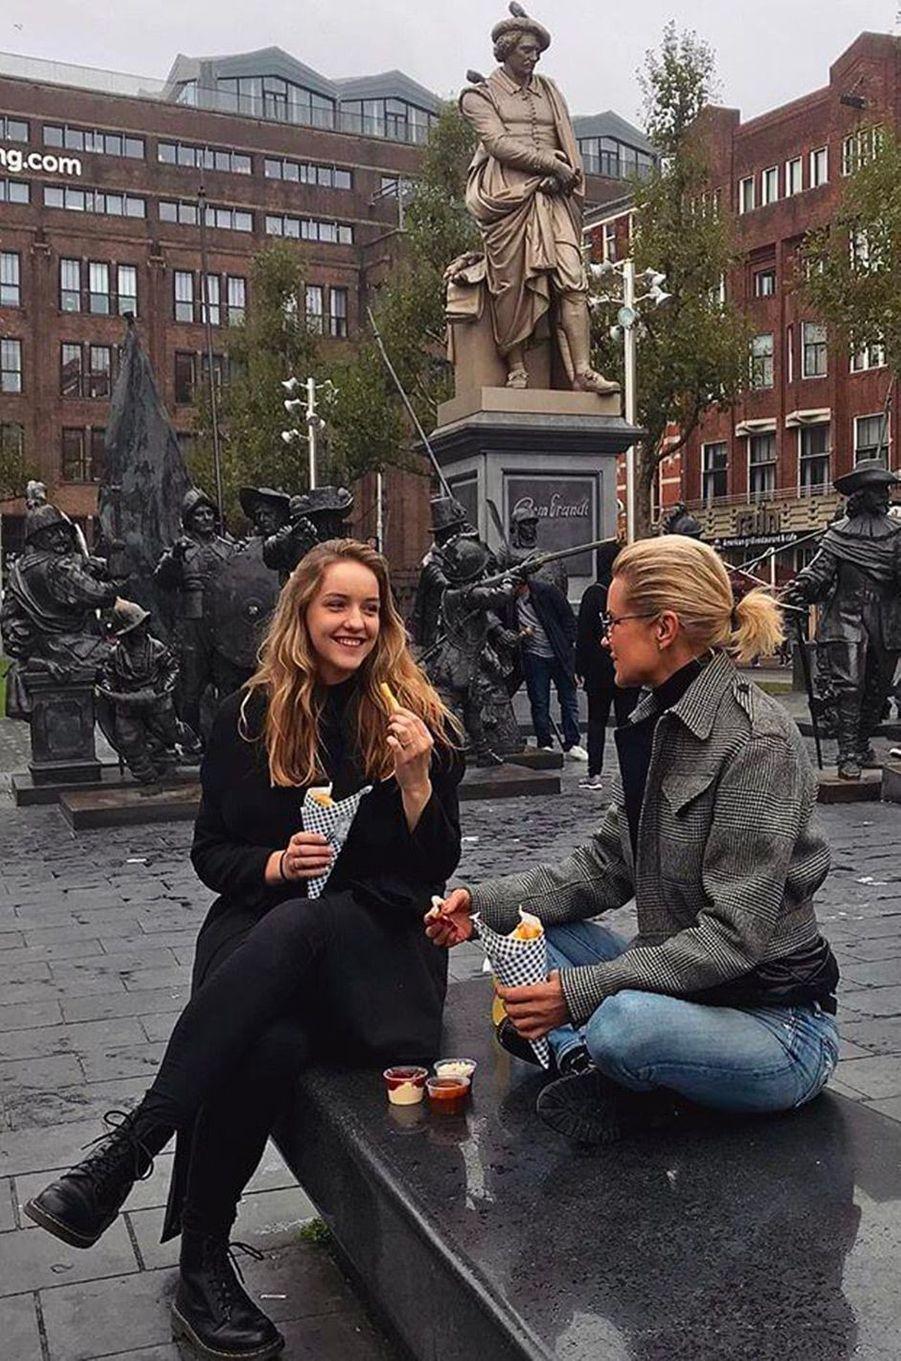 Joann van de Herik et sa tante Yolanda Hadid